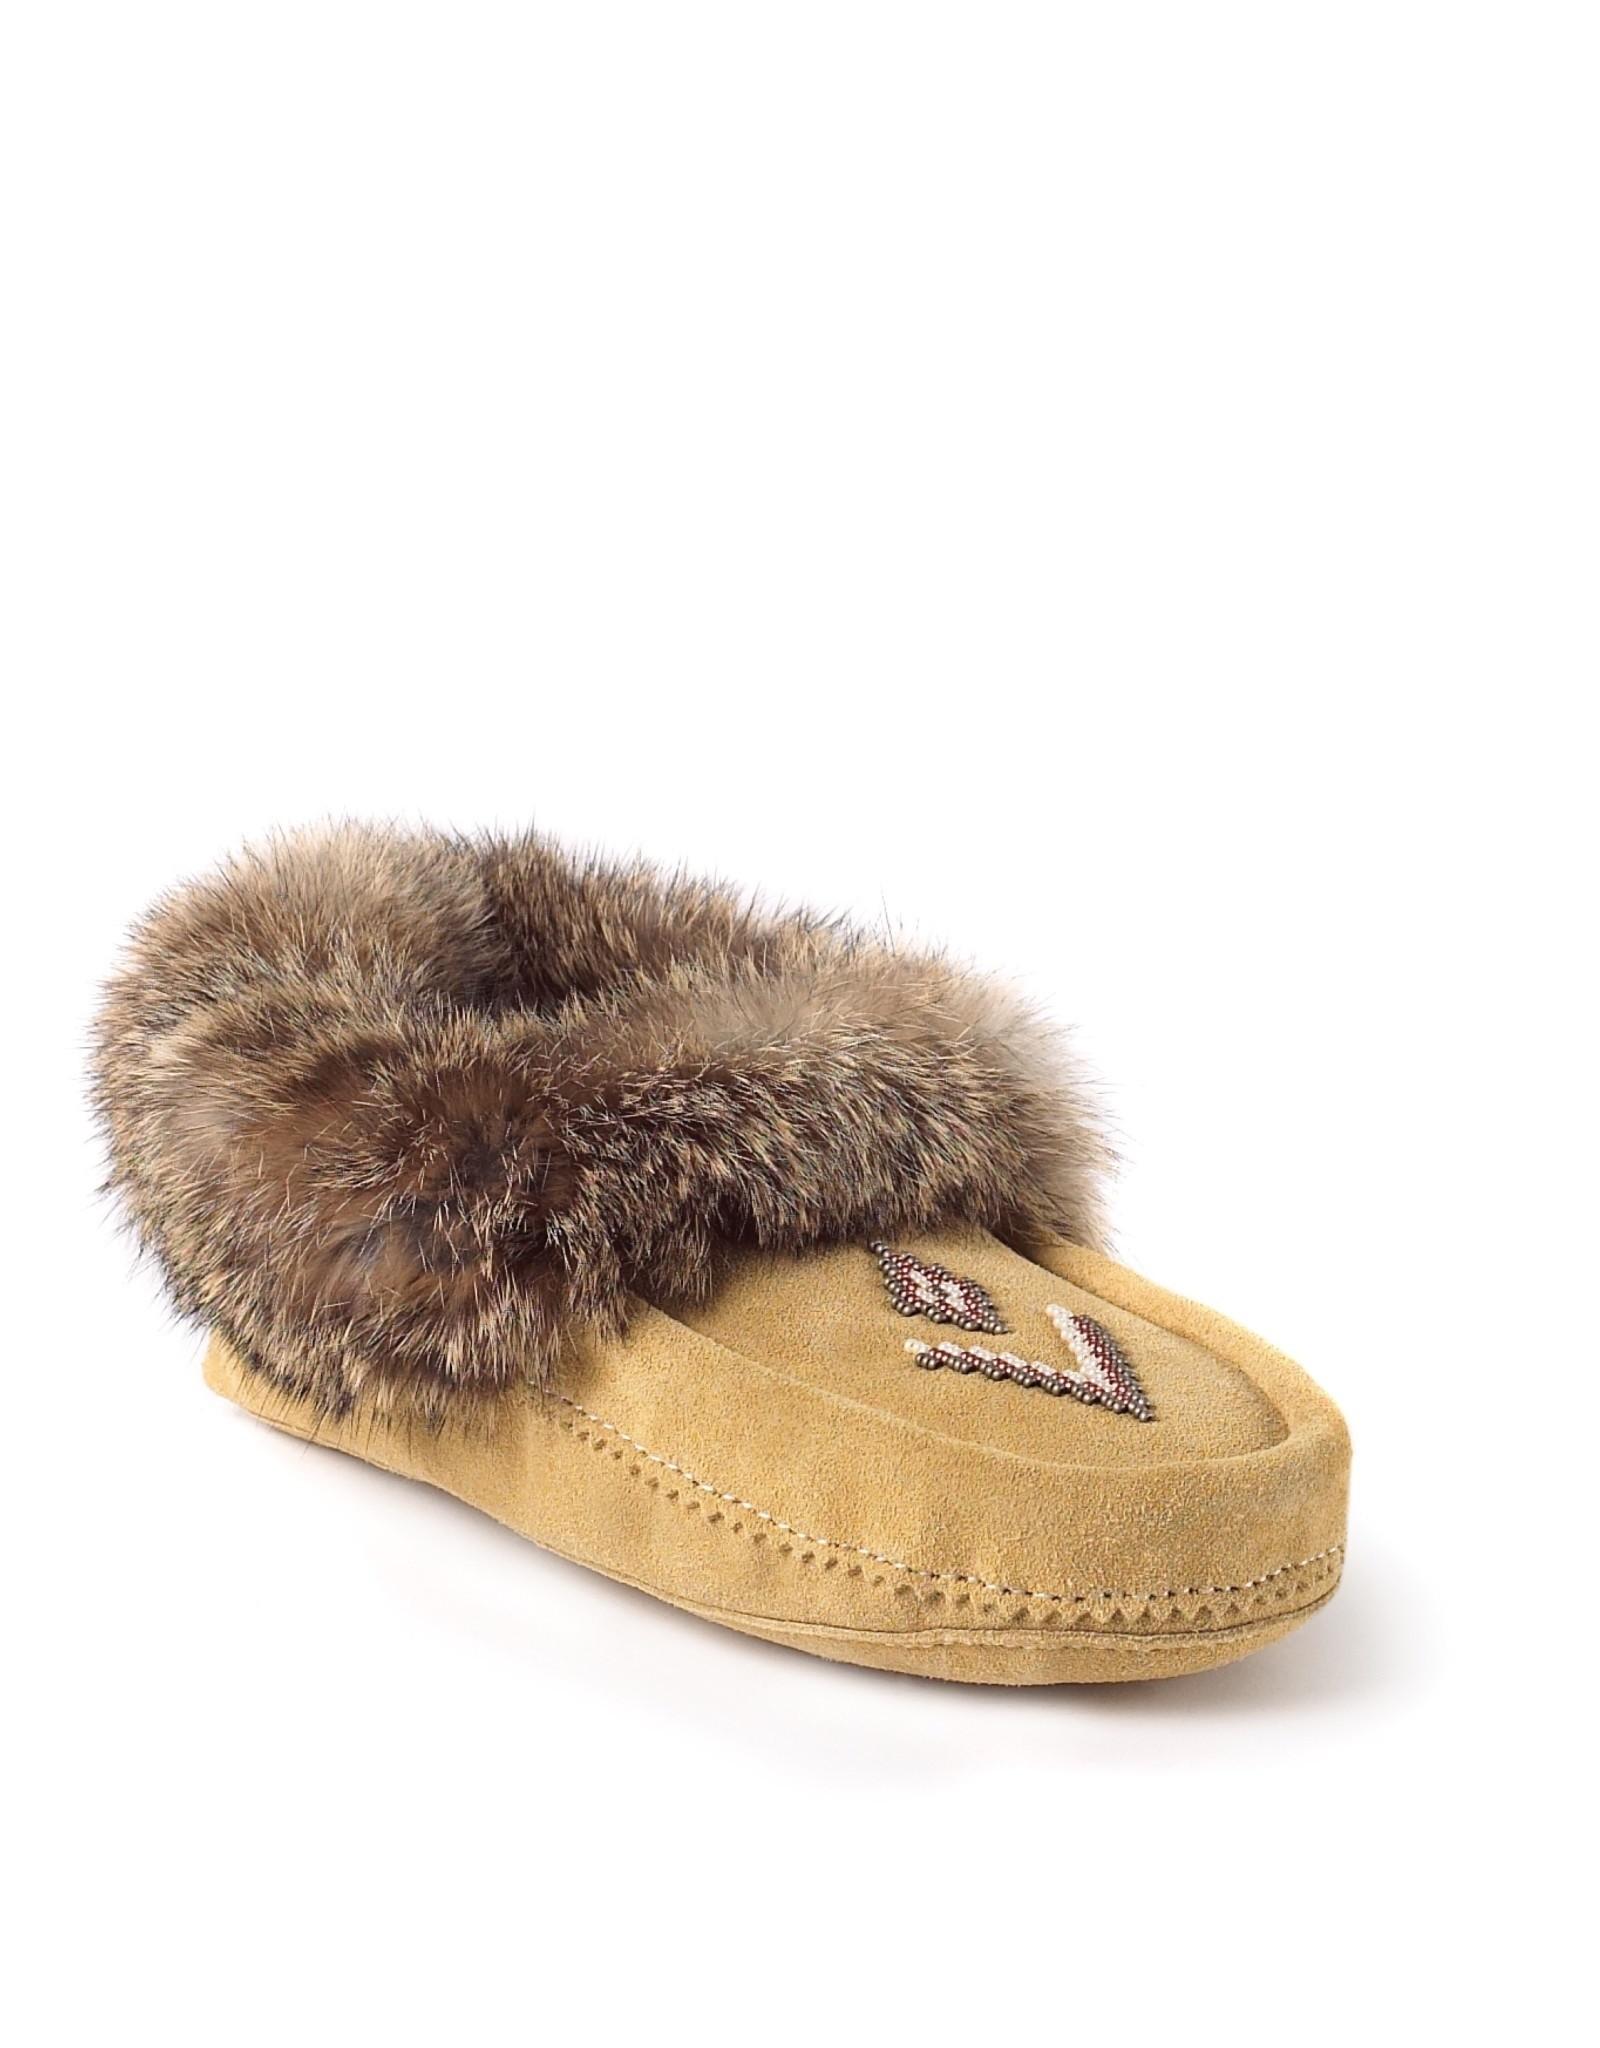 Manitobah Mukluks Manitobah Mukluks Tipi Fur Trim Suede Moccasin Ladies'